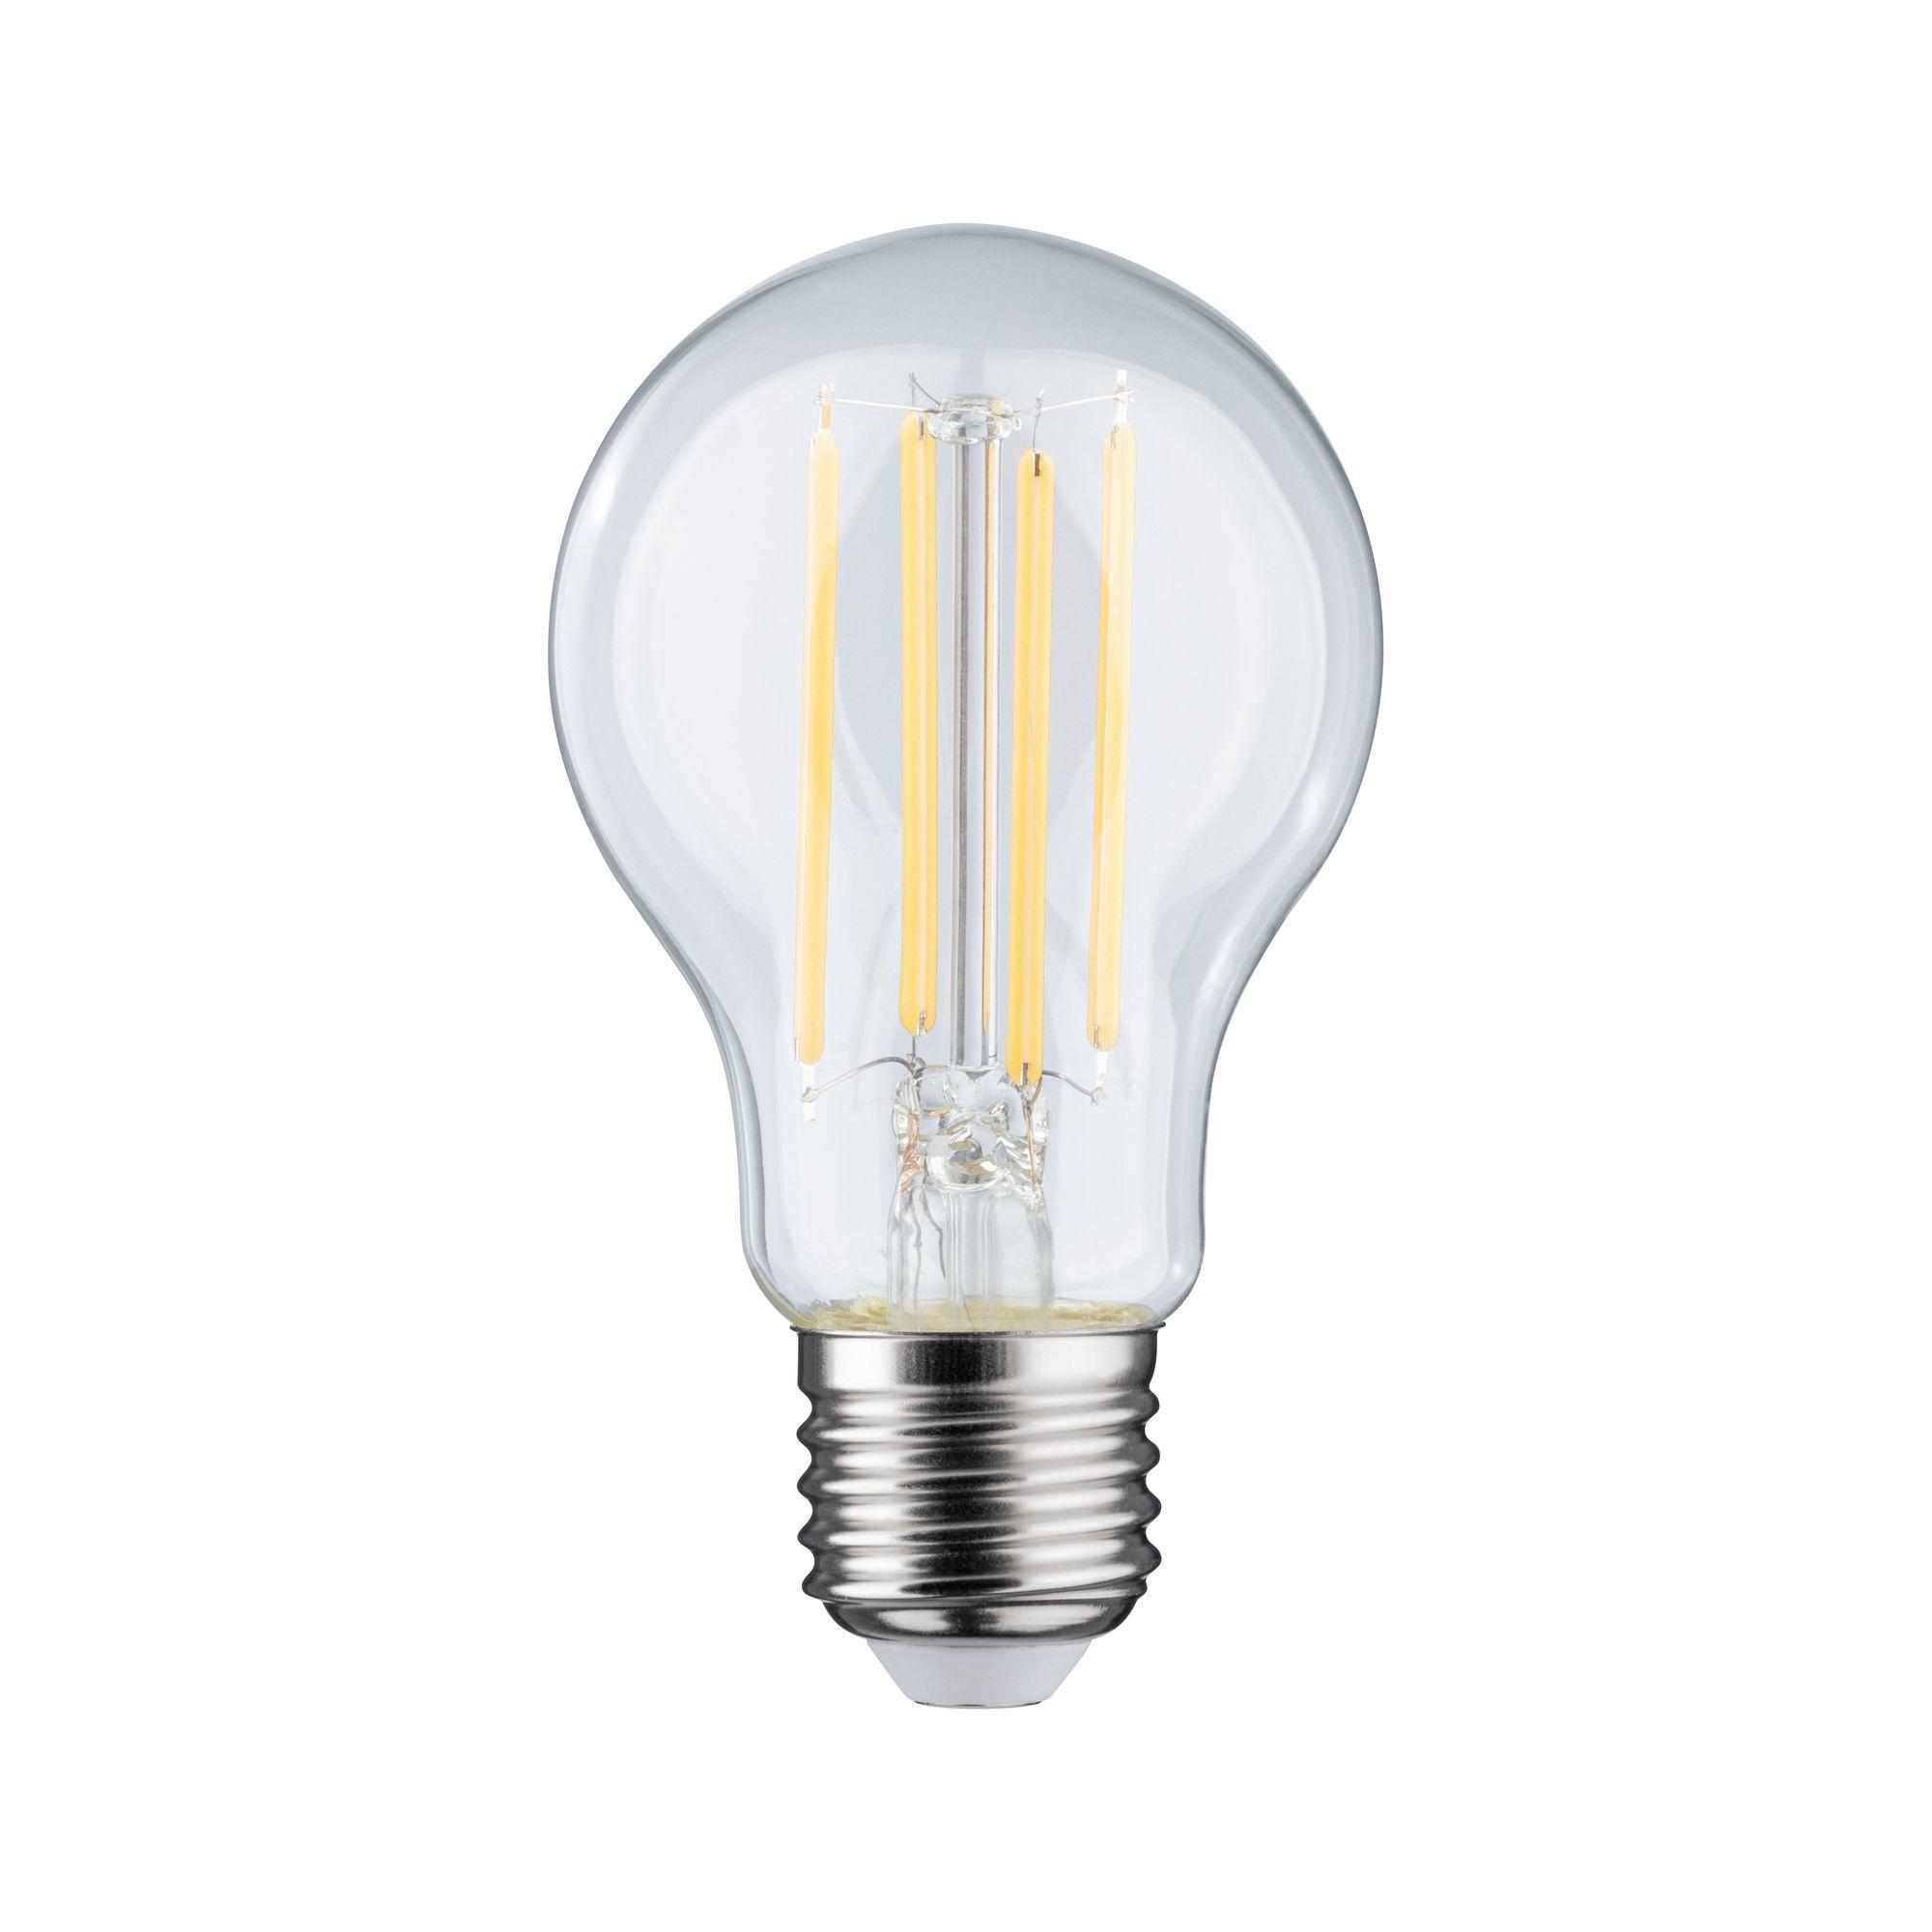 Paulmann LED Standardform 7,5 Watt E27 Klar Warmweiß dimmbar